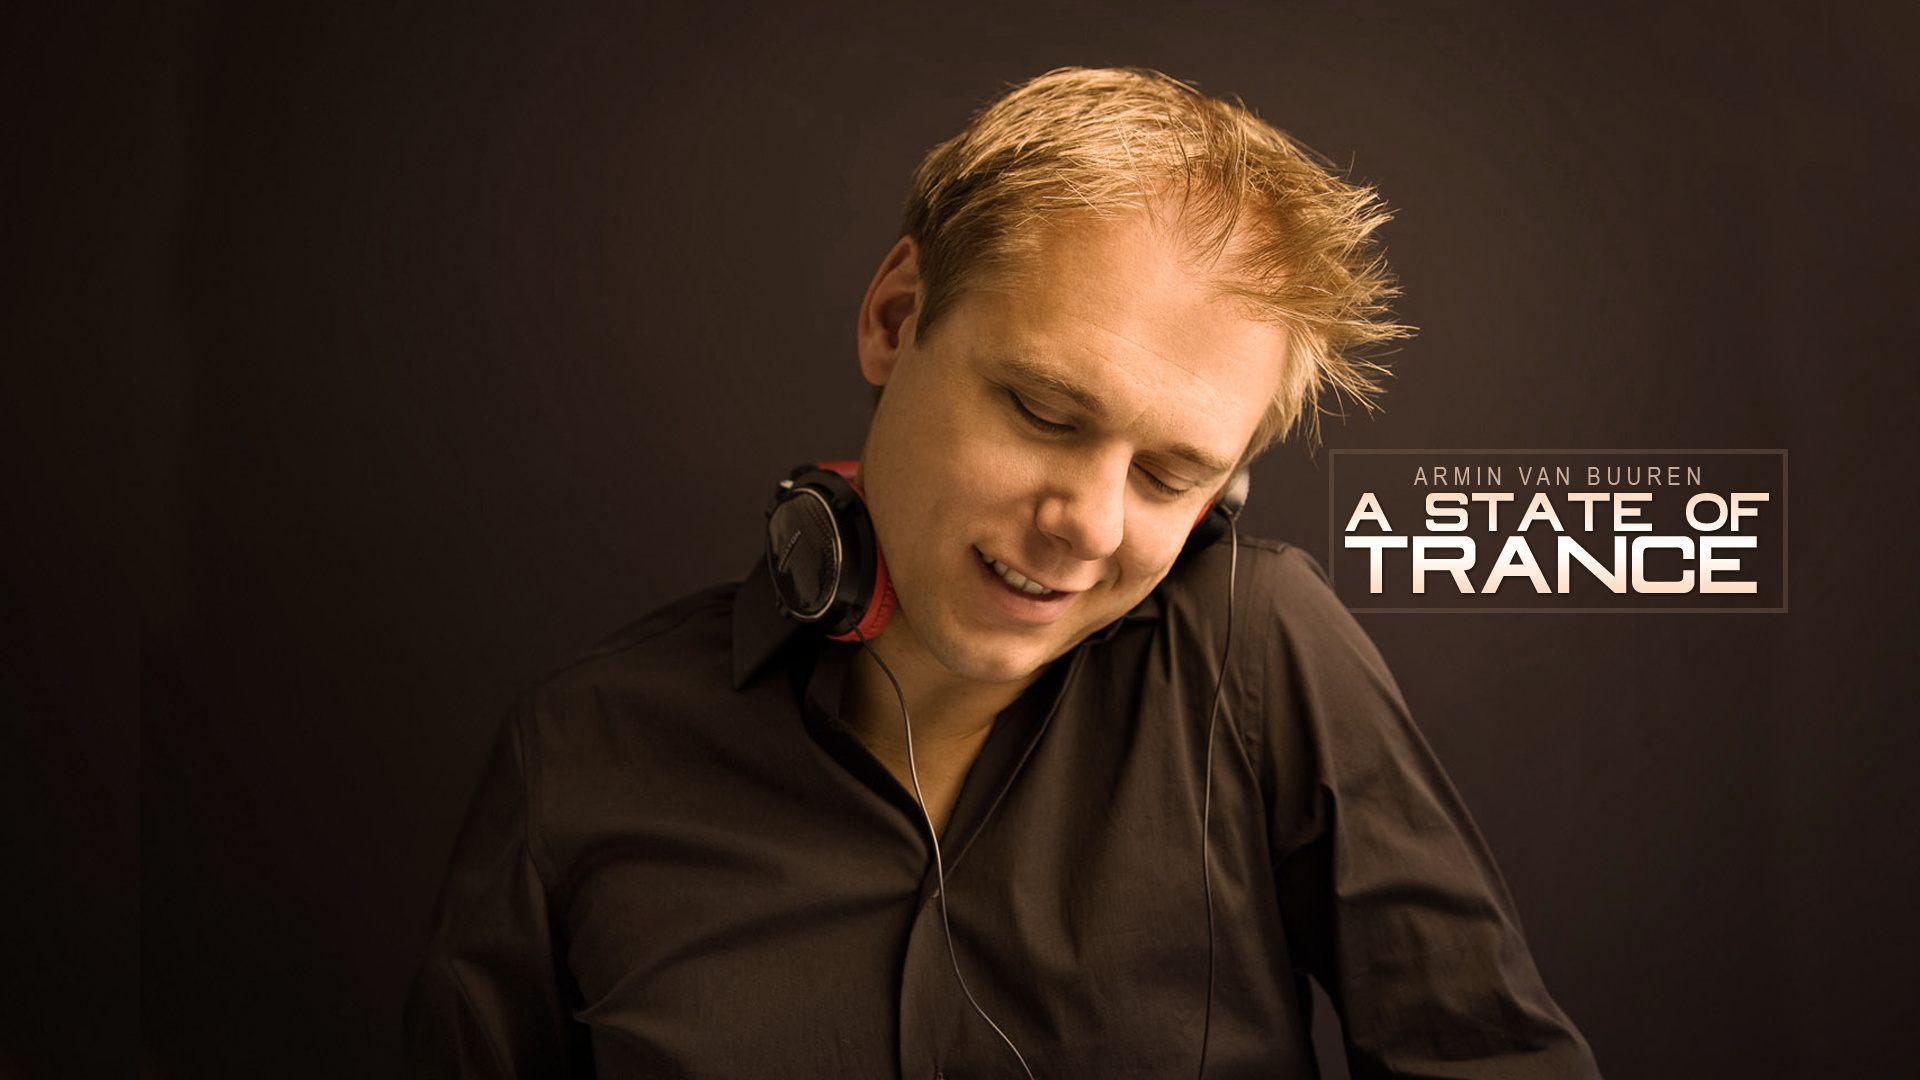 Pictures Of Armin Van Buuren